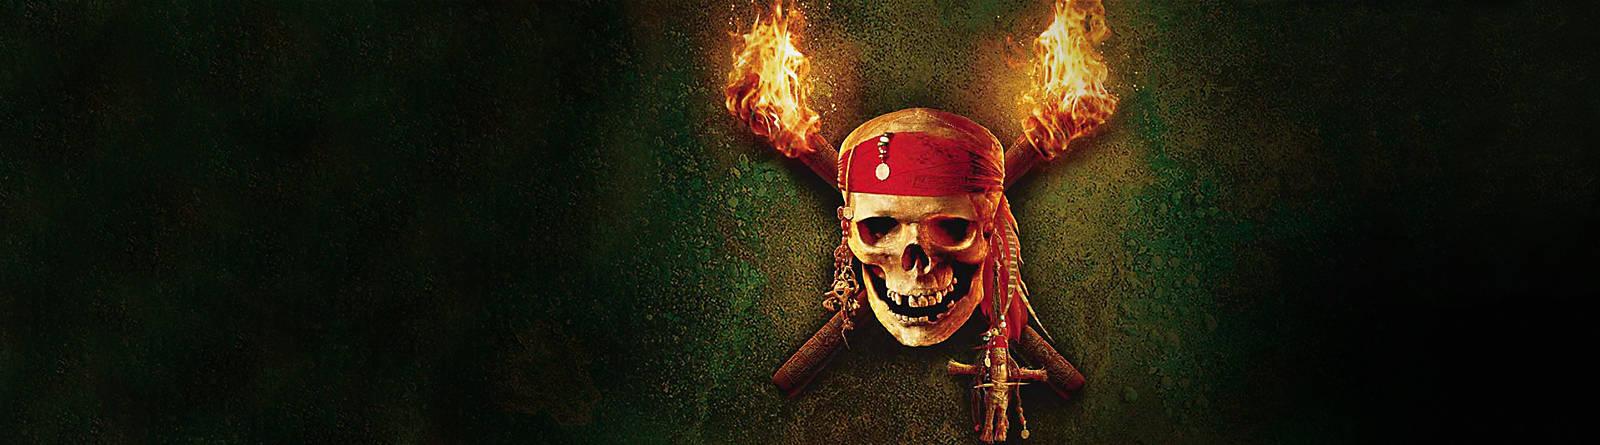 Pirati dei Caraibi Hai sempre sognato di diventare un pirata? Scegli la via dei mari del Sud con la nostra linea dedicata ai Pirati dei Caraibi: articoli da collezionare, costumi originali e tantissimo altro ancora